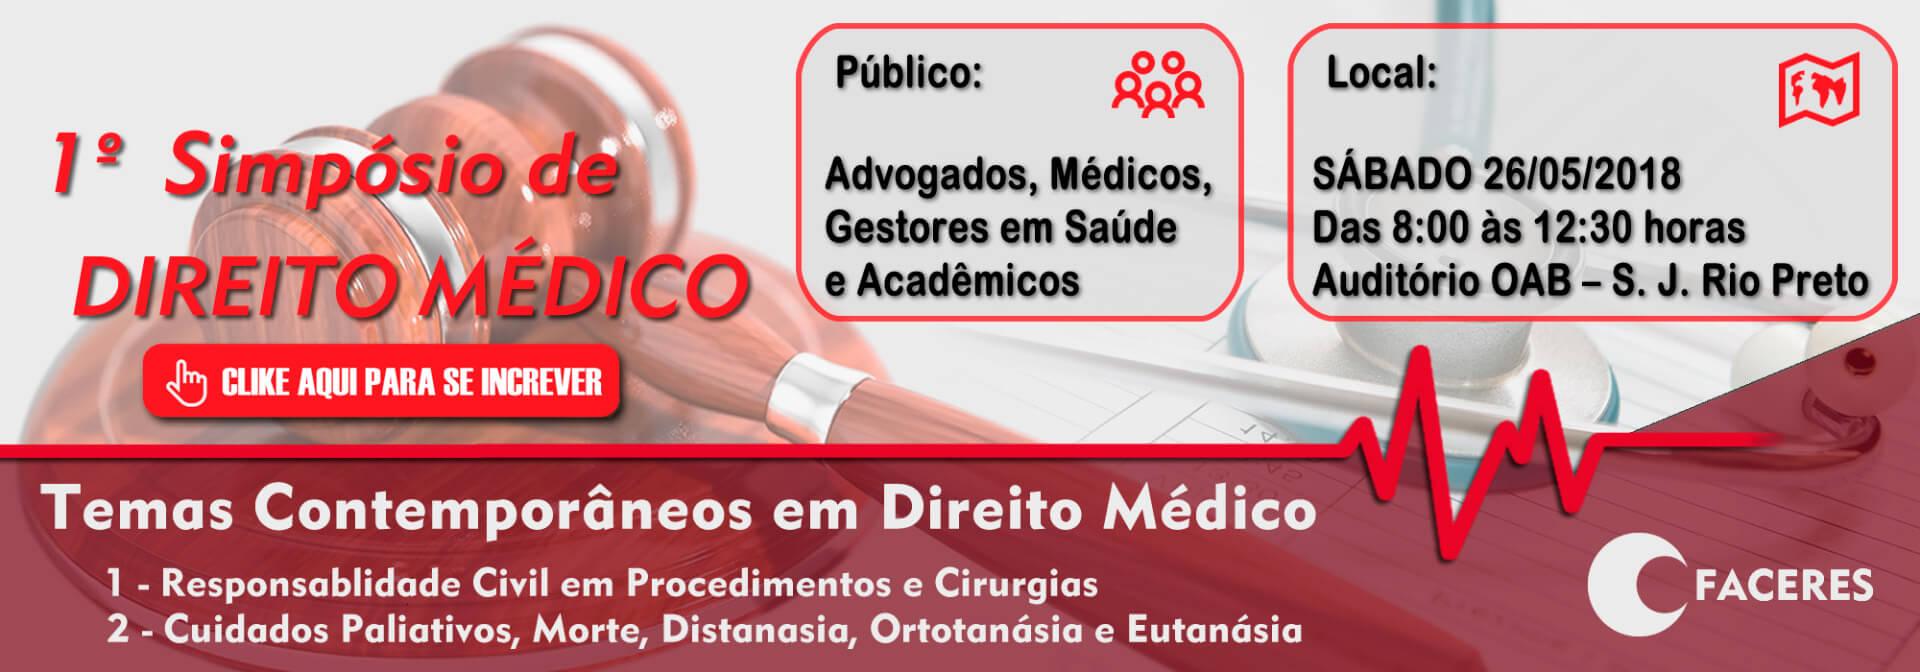 1º Simpósio de Direito Médico